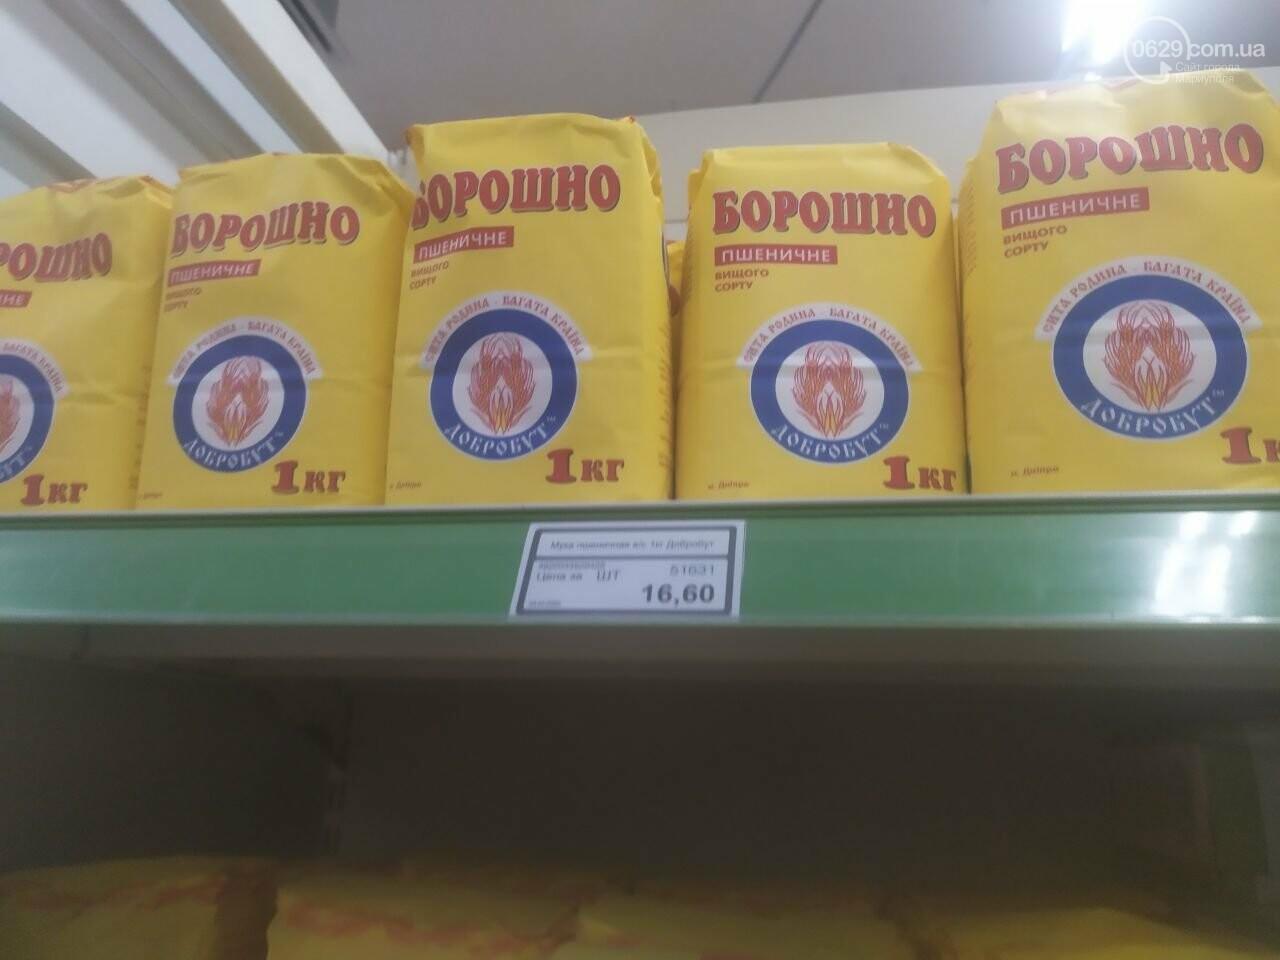 Как коронавирус изменил цены на продукты в Мариуполе, - ФОТО, фото-6